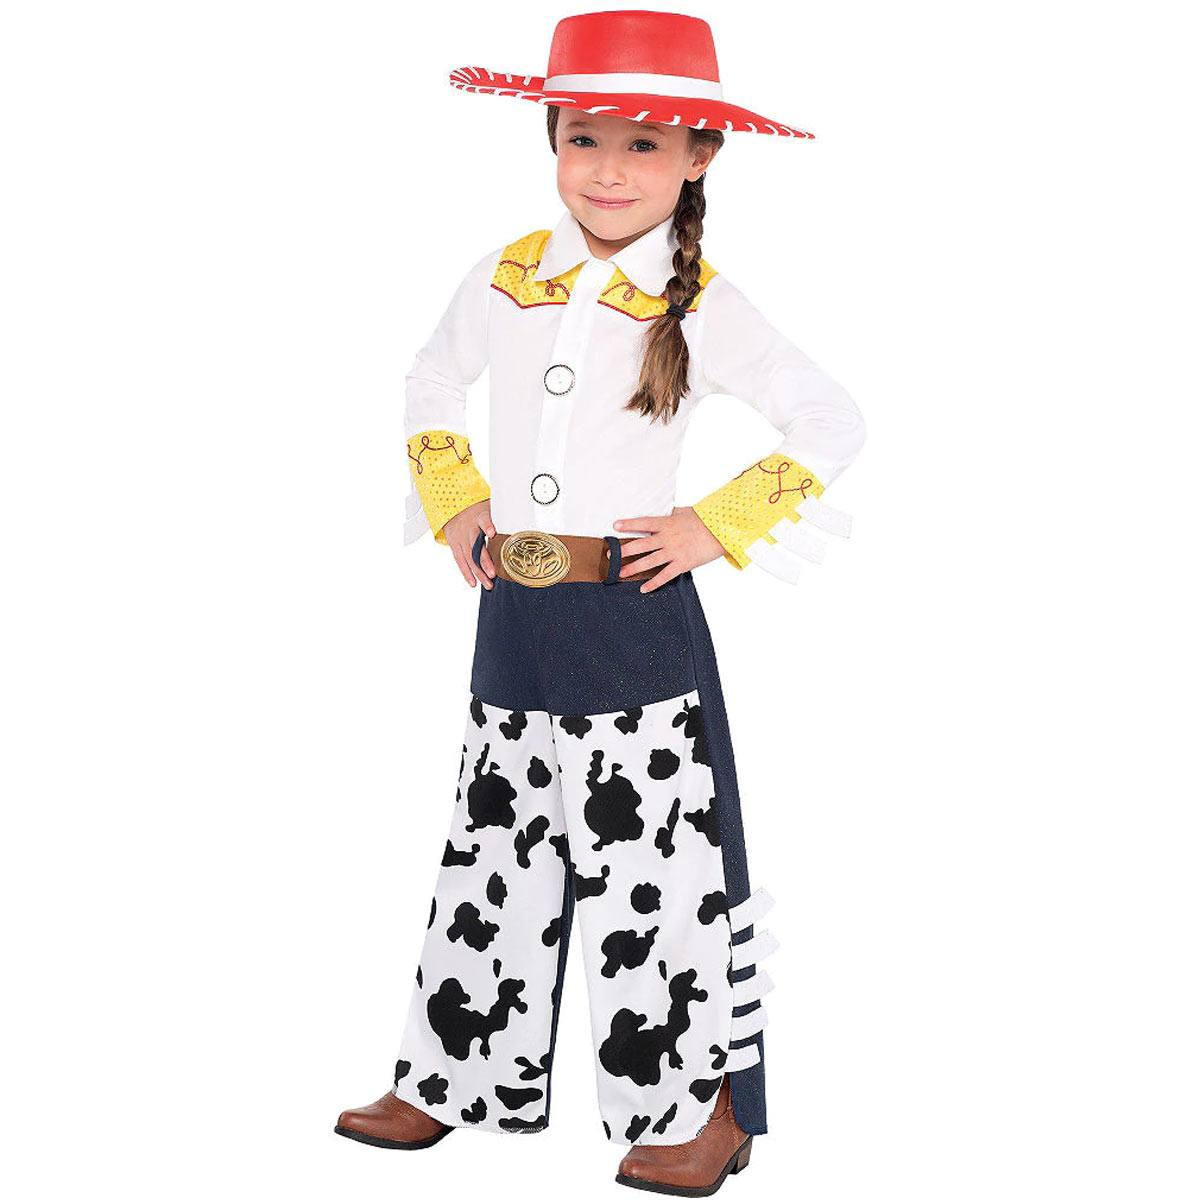 ディズニー トイストーリー ジェシー コスプレ コスチューム 子供服 なりきり ハロウィン ディズニー公式 Disny Toy Story